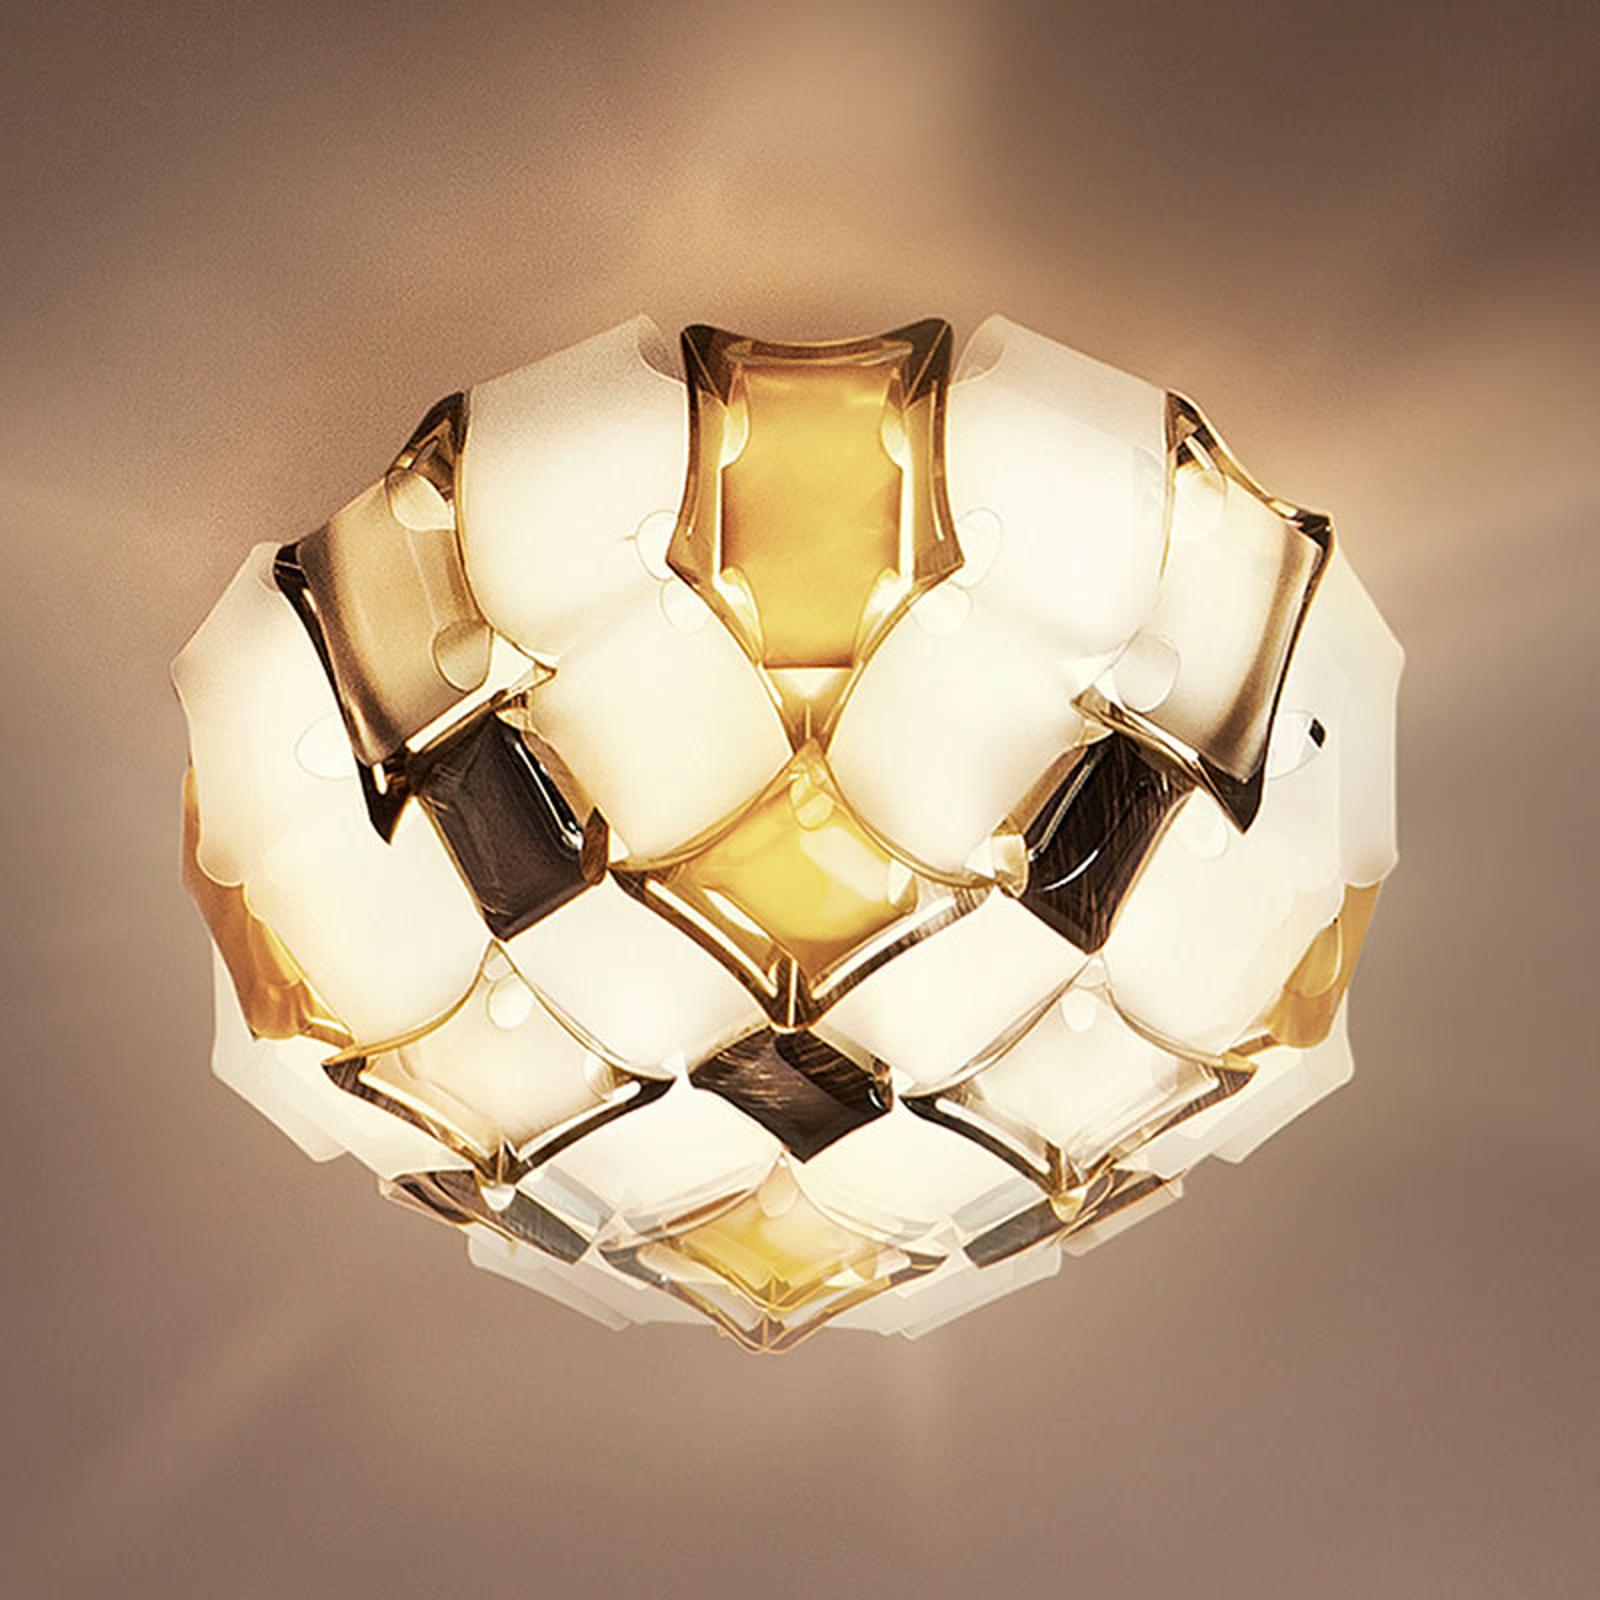 Slamp Mida stropní světlo, 67 cm, jantar/bílá